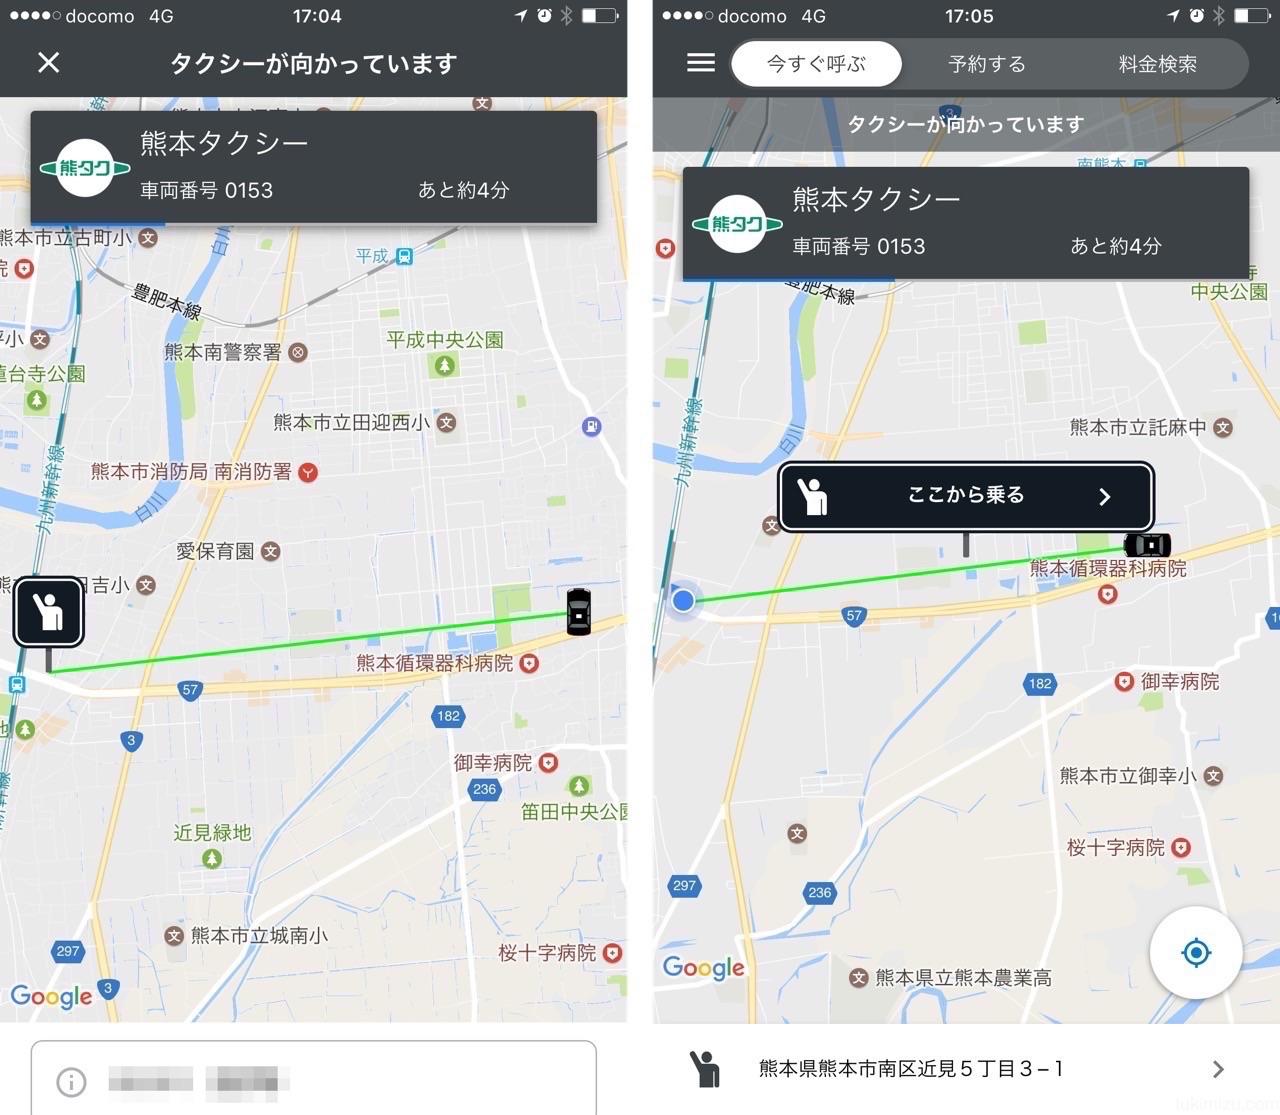 タクシーとの位置関係画面